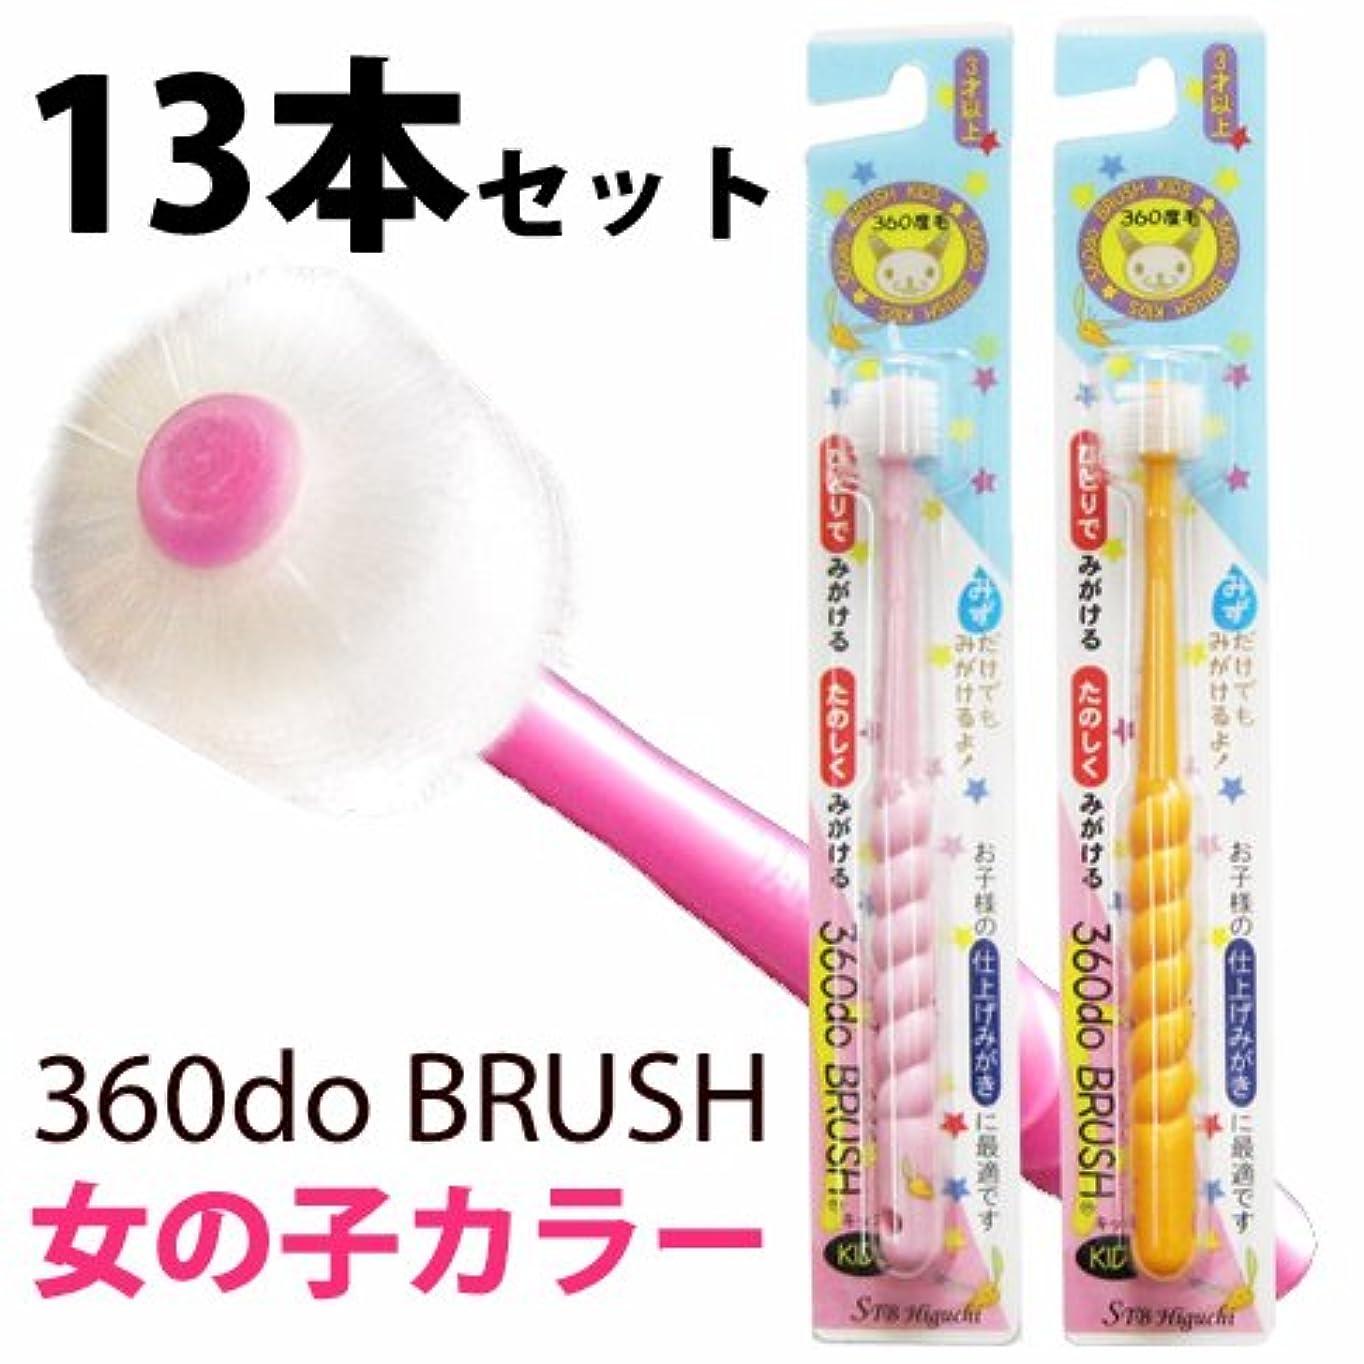 豊富に億昇る360do BRUSH 360度歯ブラシ キッズ 女の子用 13本セット